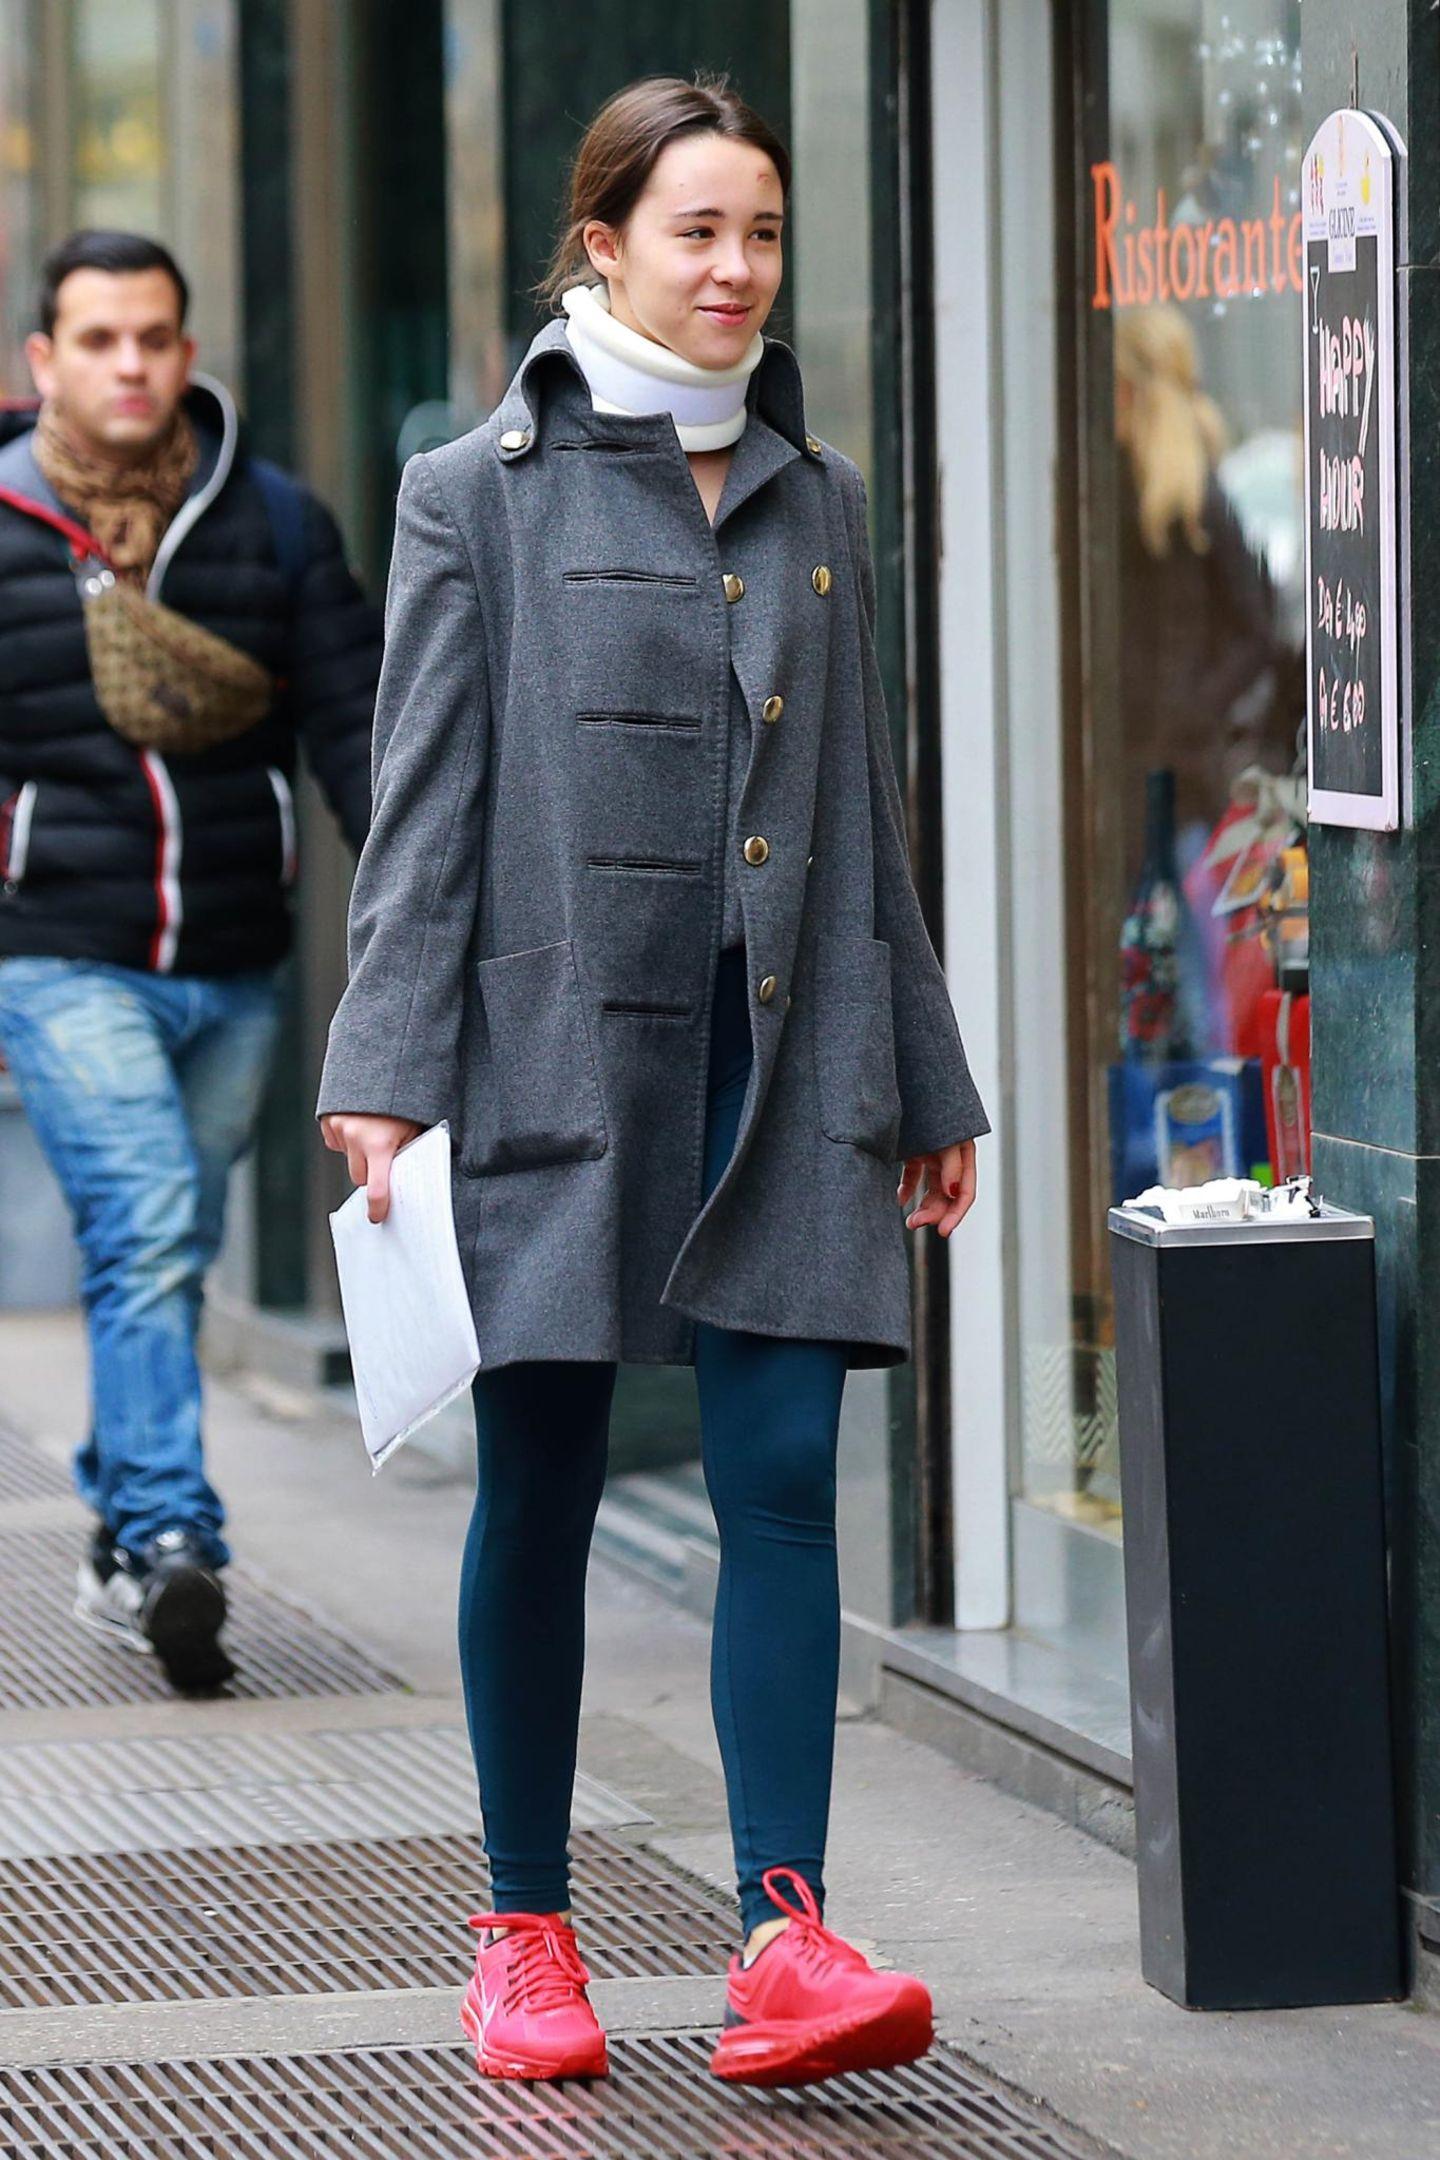 3. Dezember 2014: Michelle Hunzikers Tochter Aurora Ramazzotti muss nach einem Autounfall eine Halskrause tragen, während sie in den Straßen von Mailand unterwegs ist.